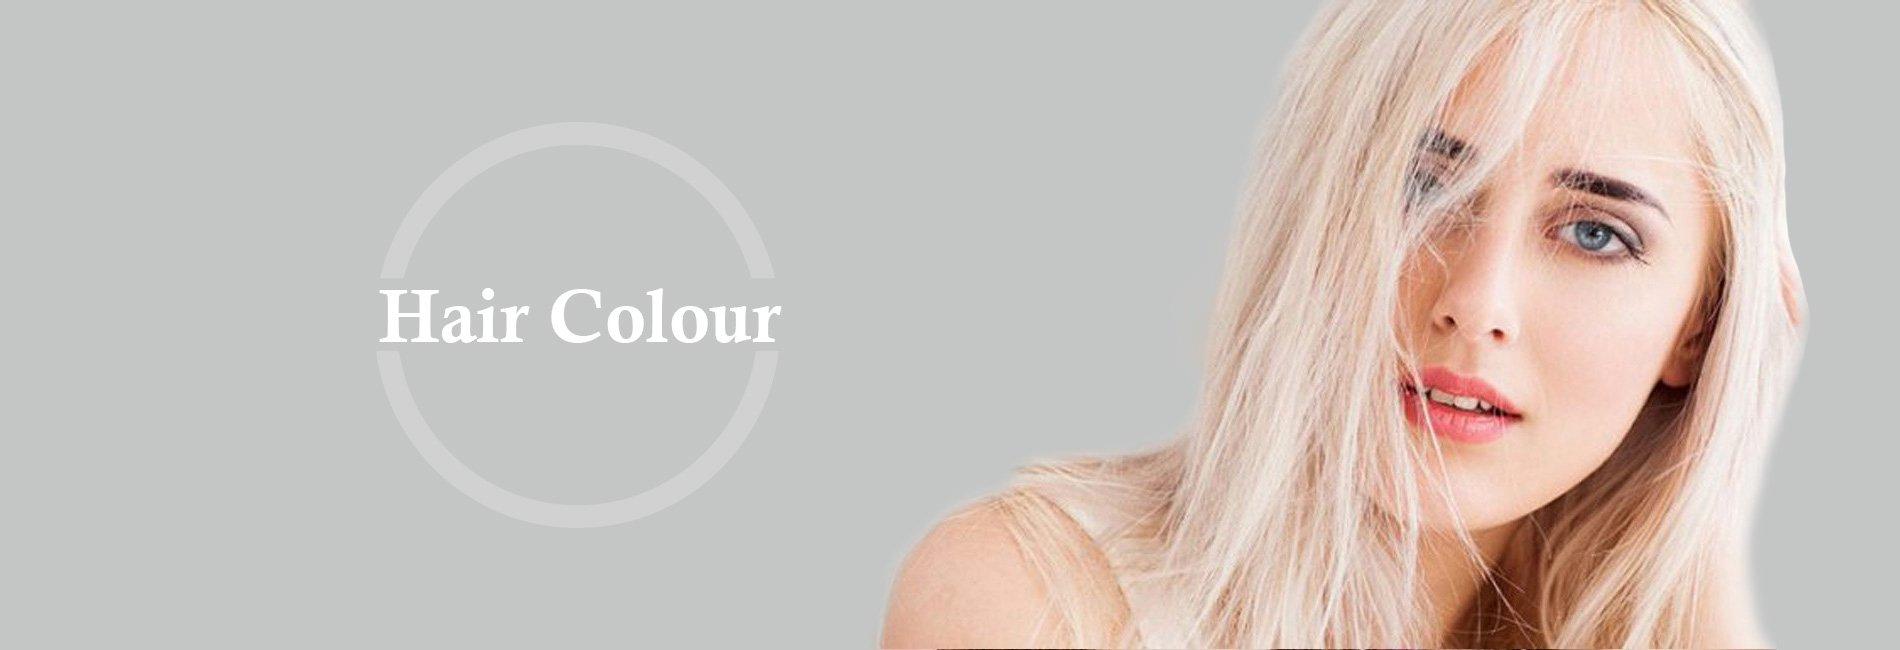 hair colour 2 1